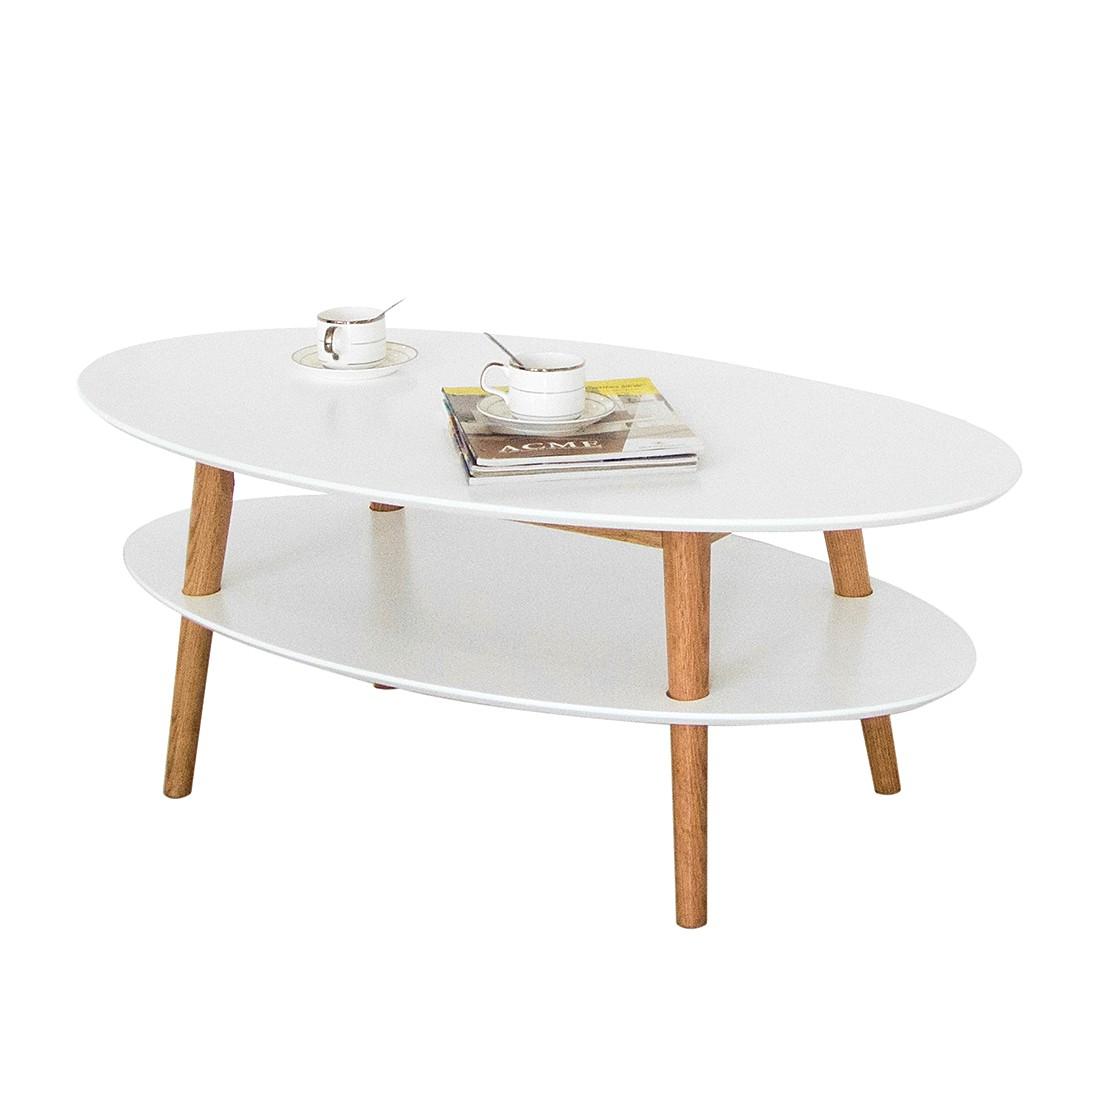 Image of tavolino Lindholm, Moerteens